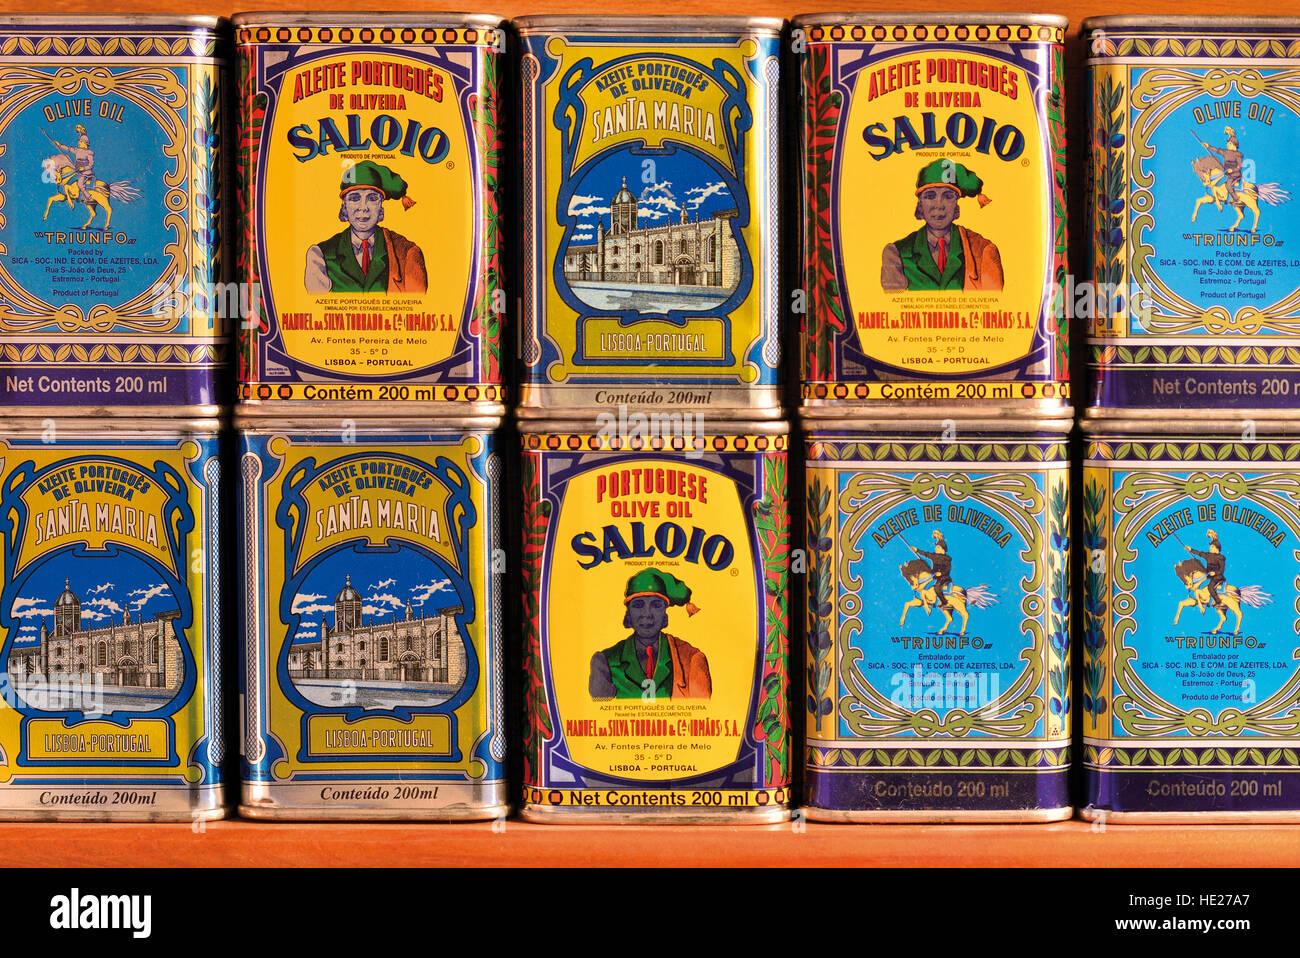 L'huile d'olive traditionnel portugais réputées dans les boîtes de conserve la nostalgie Photo Stock